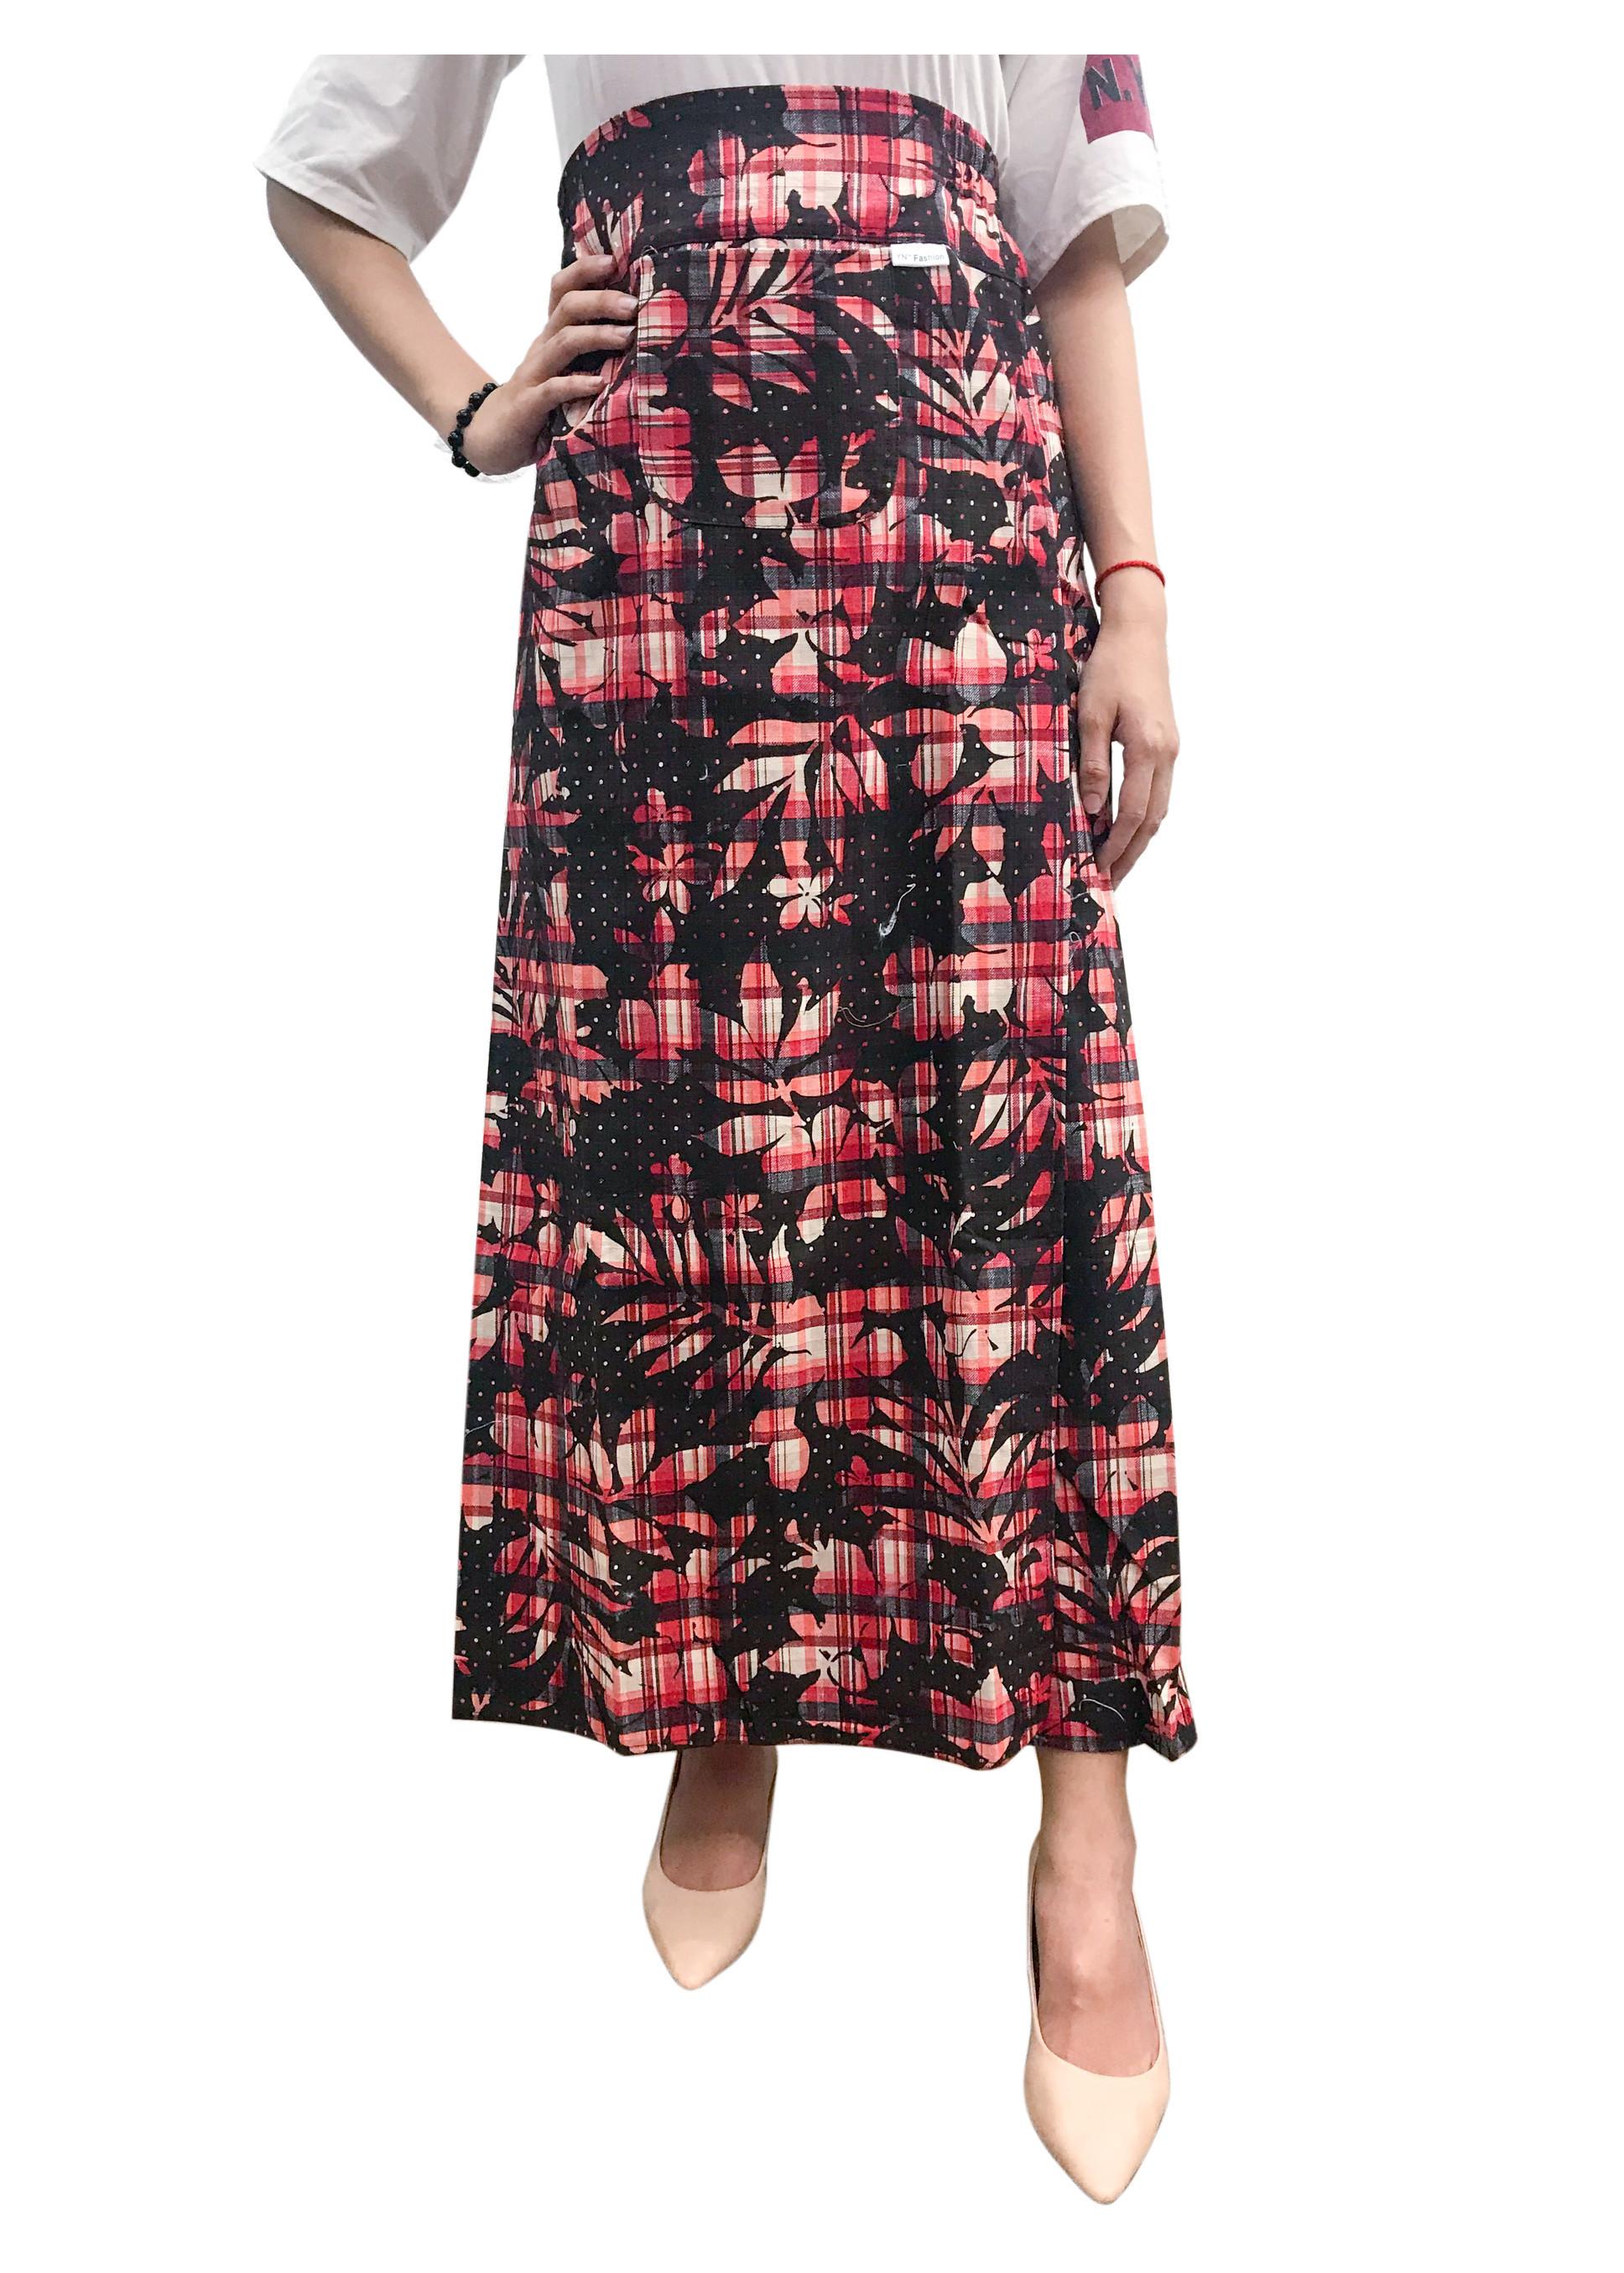 váy chống nắng loại xẻ hai tà chất liệu đũi